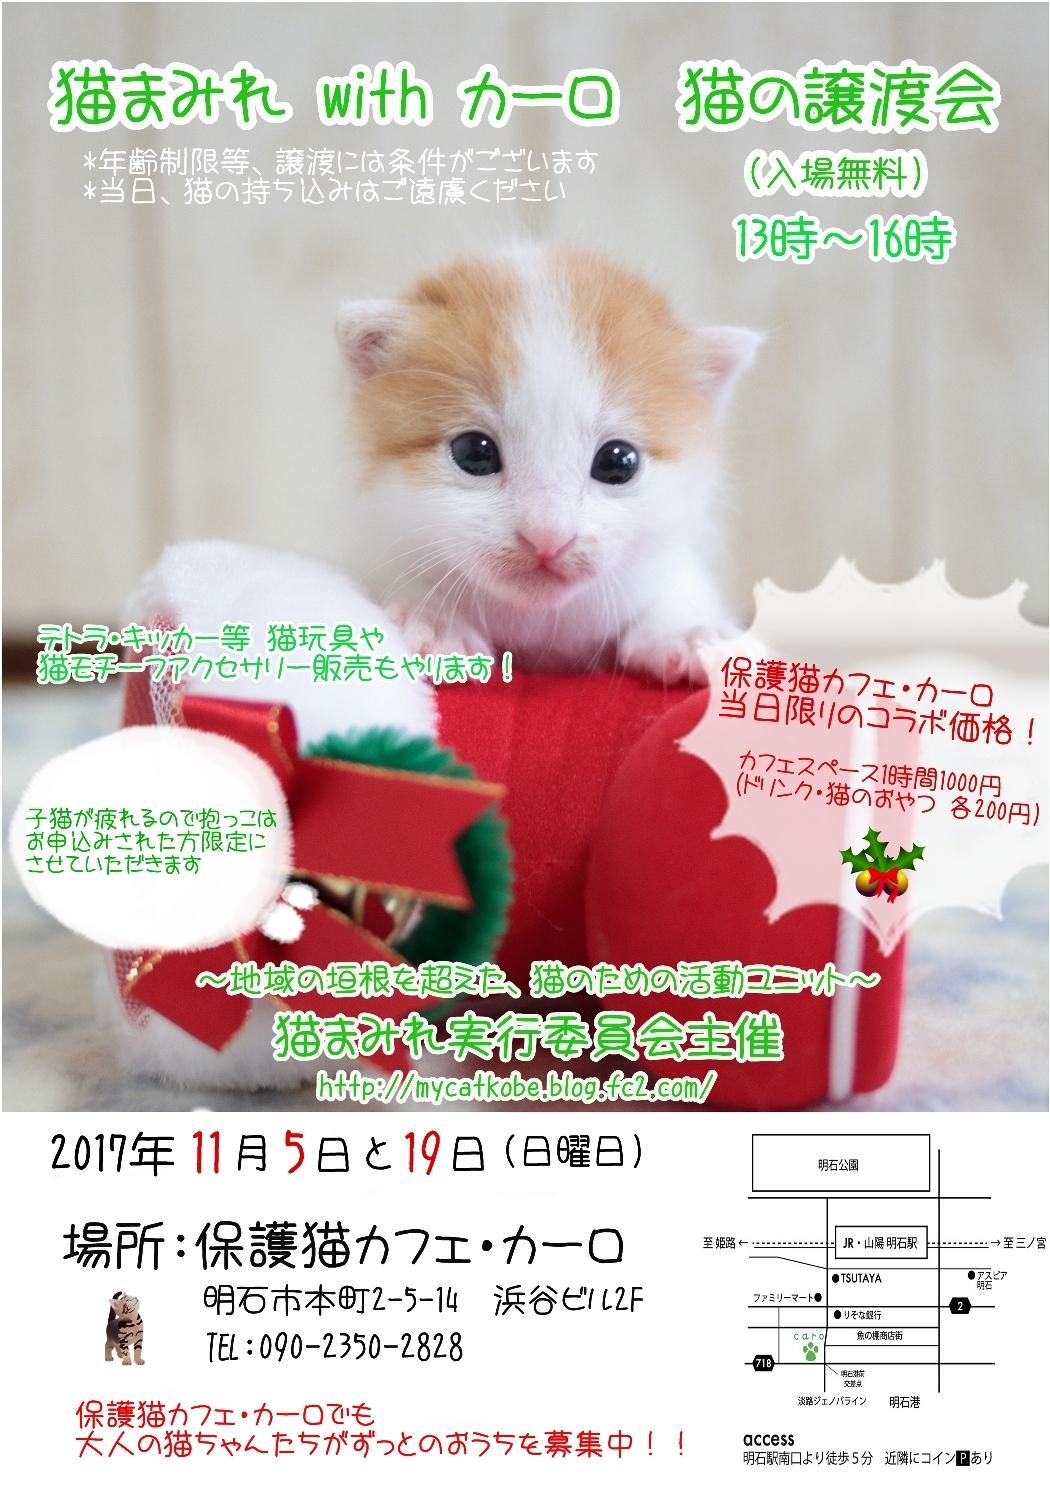 猫まみれ譲渡会11月ブログ掲載用